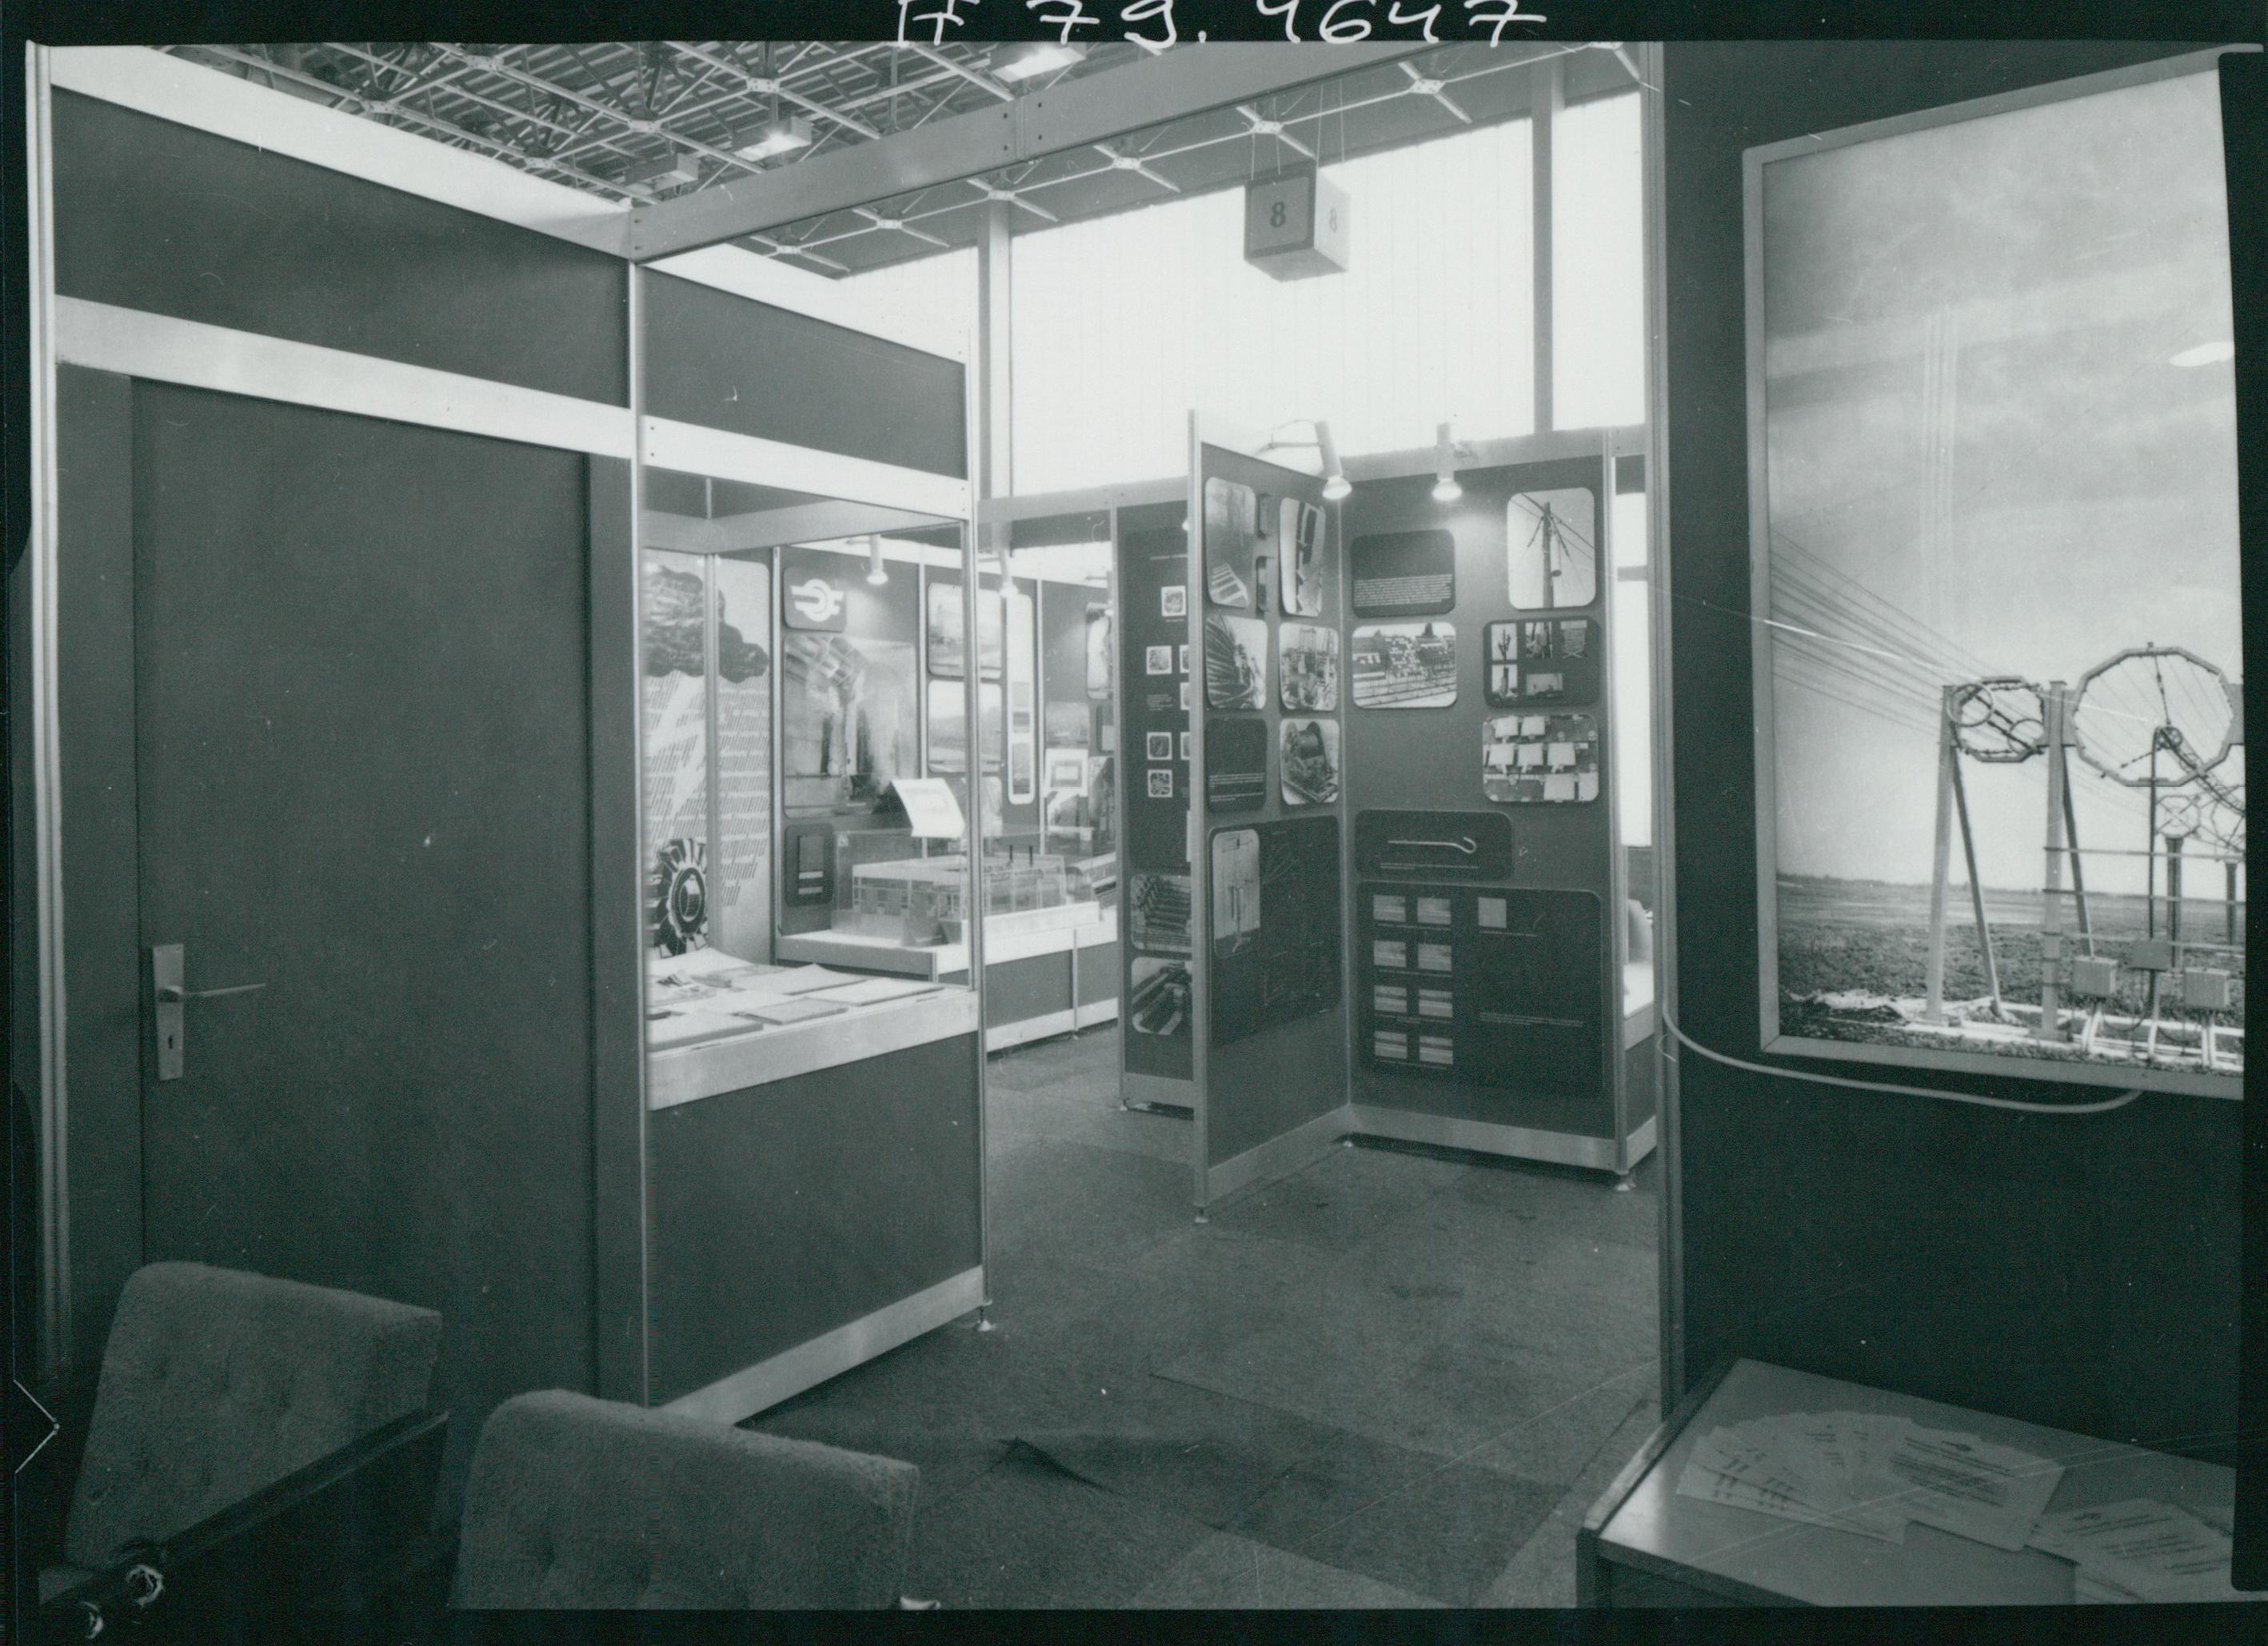 Az 1979-es HUNGAROKORR Nemzetközi Korrózióvédelmi Kiállítás standjai